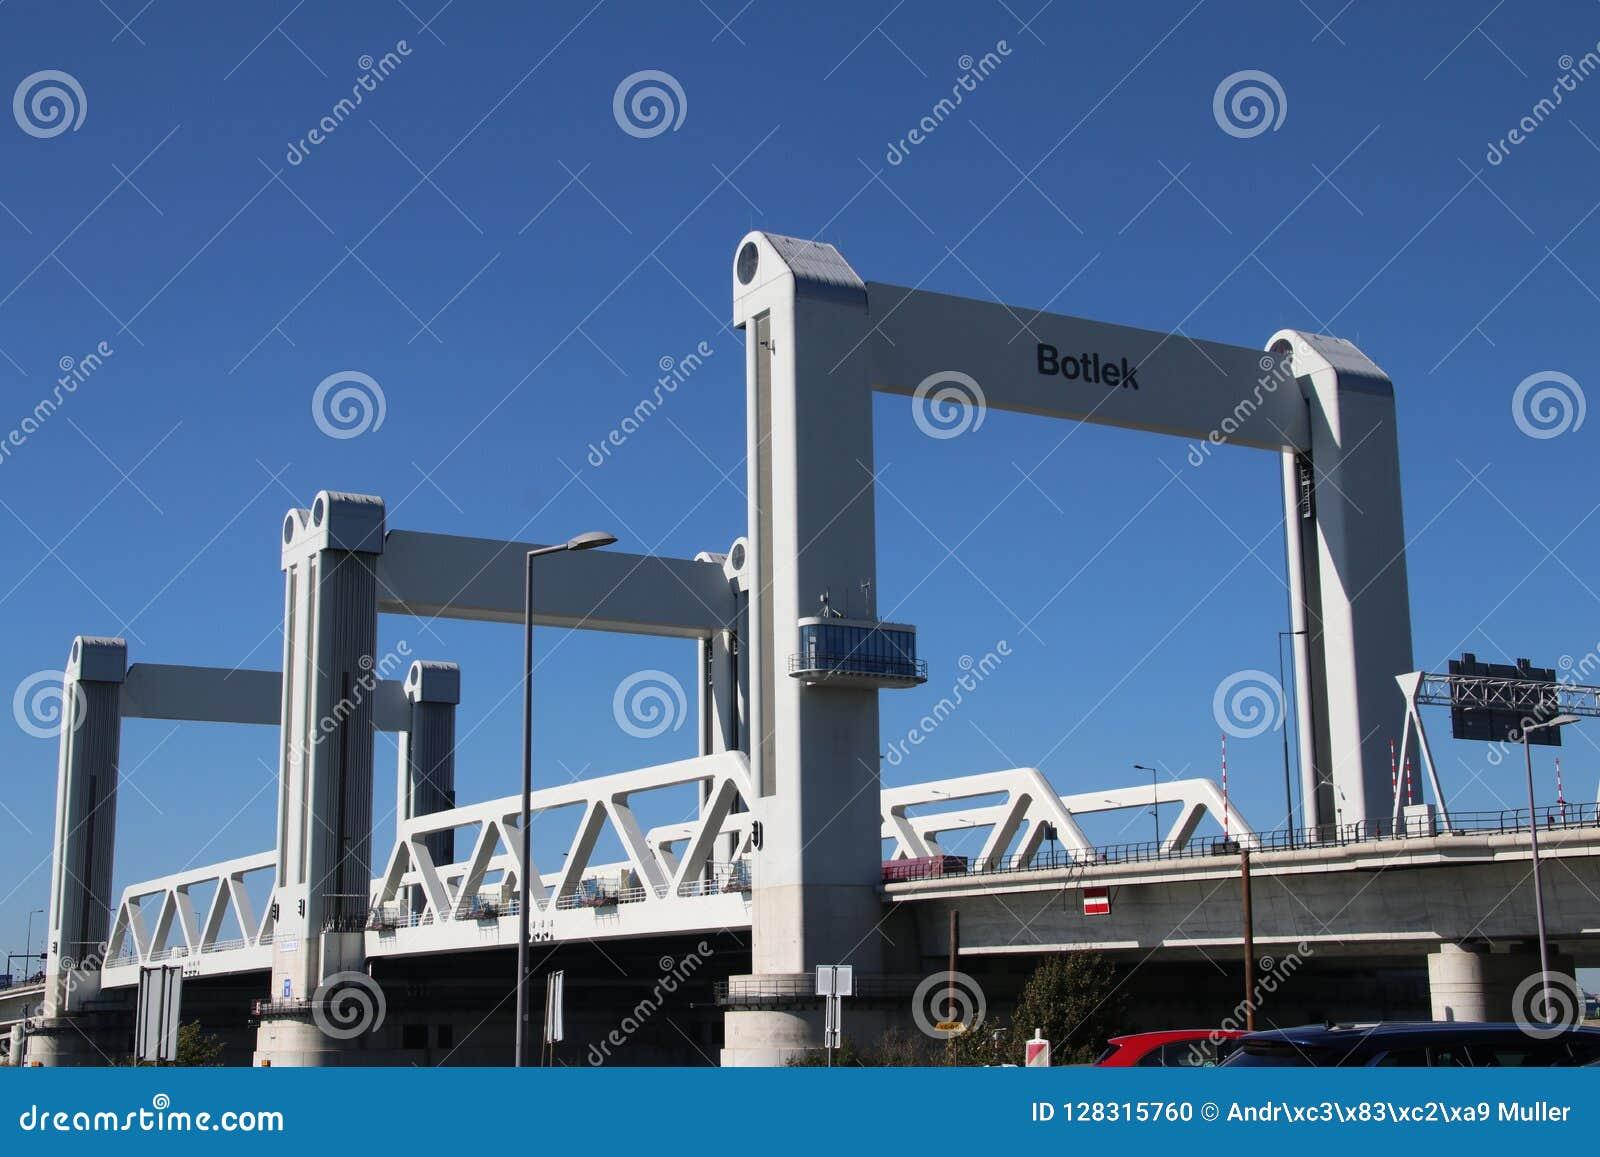 Bridge named Botlekbrug on motorway A15 in the Botlek harbor in Rotterdam, The Netherlands